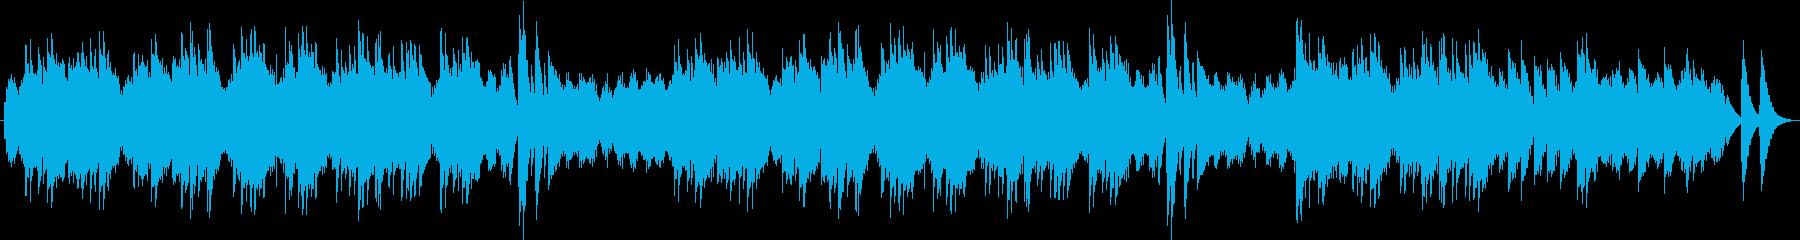 歌の翼に(オルゴールアレンジ)の再生済みの波形